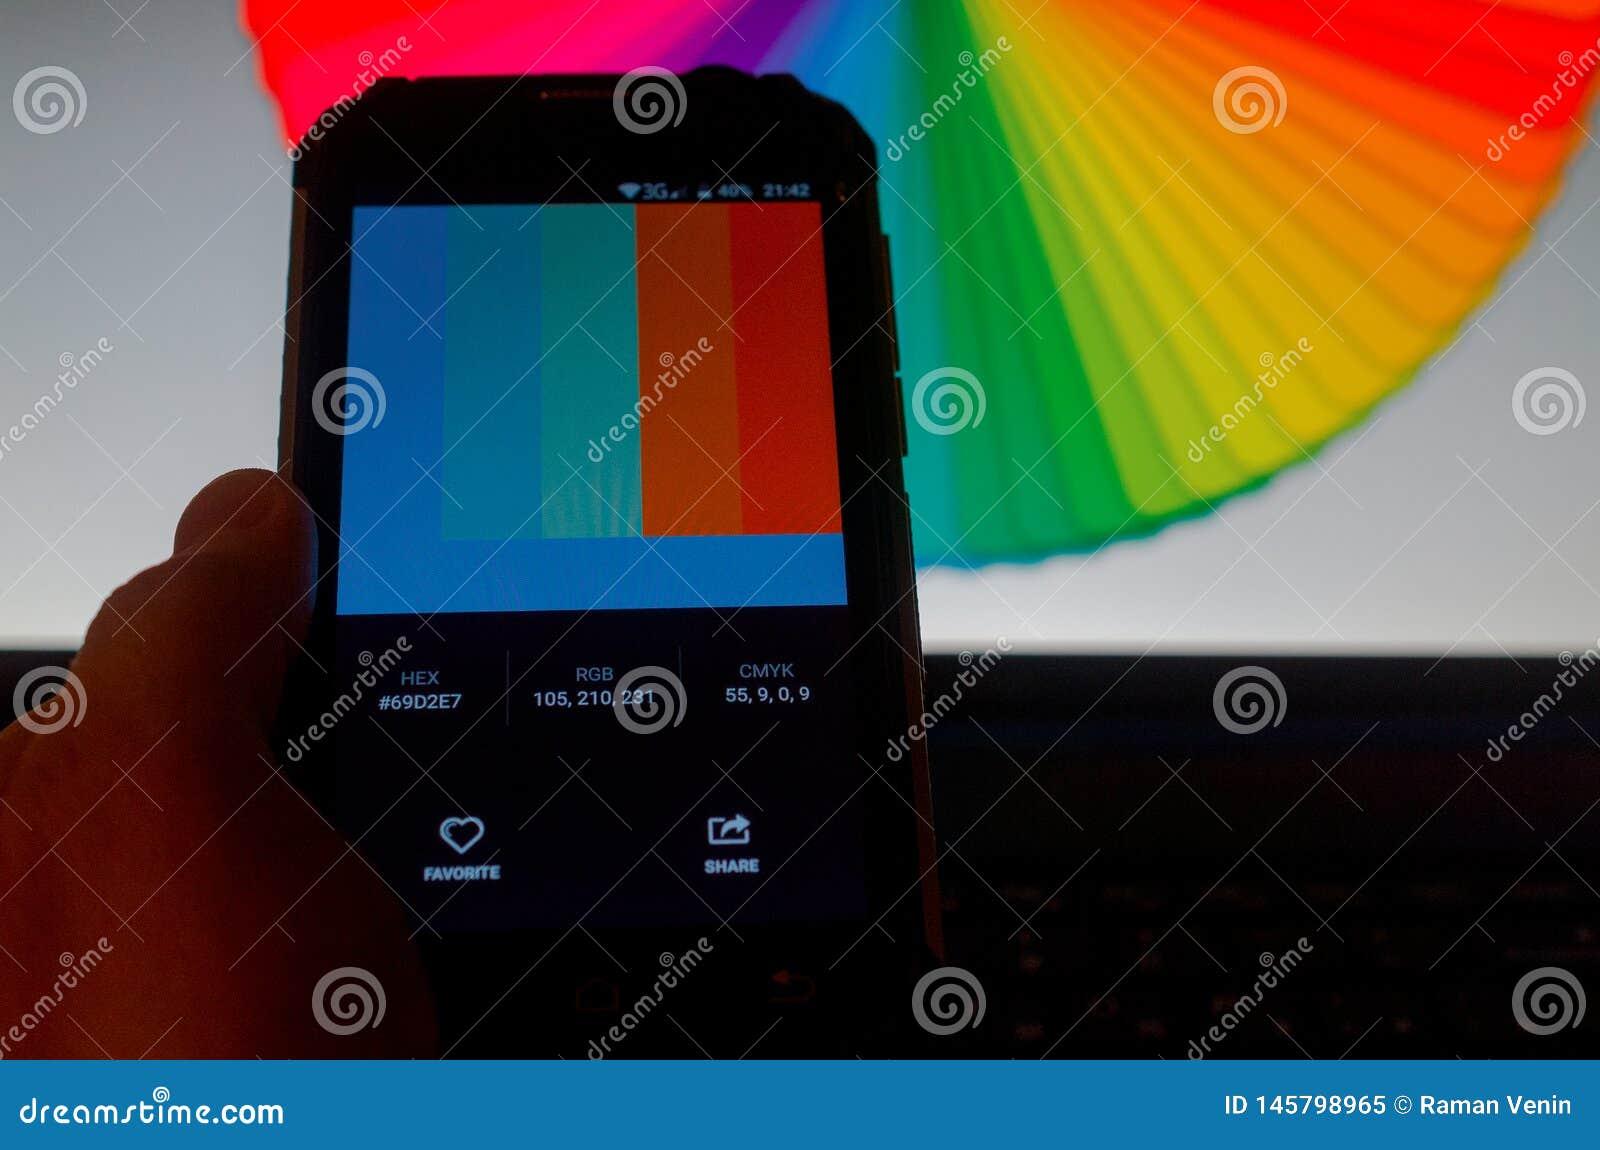 Paletas de colores electr?nicas entre un smartphone y un ordenador port?til